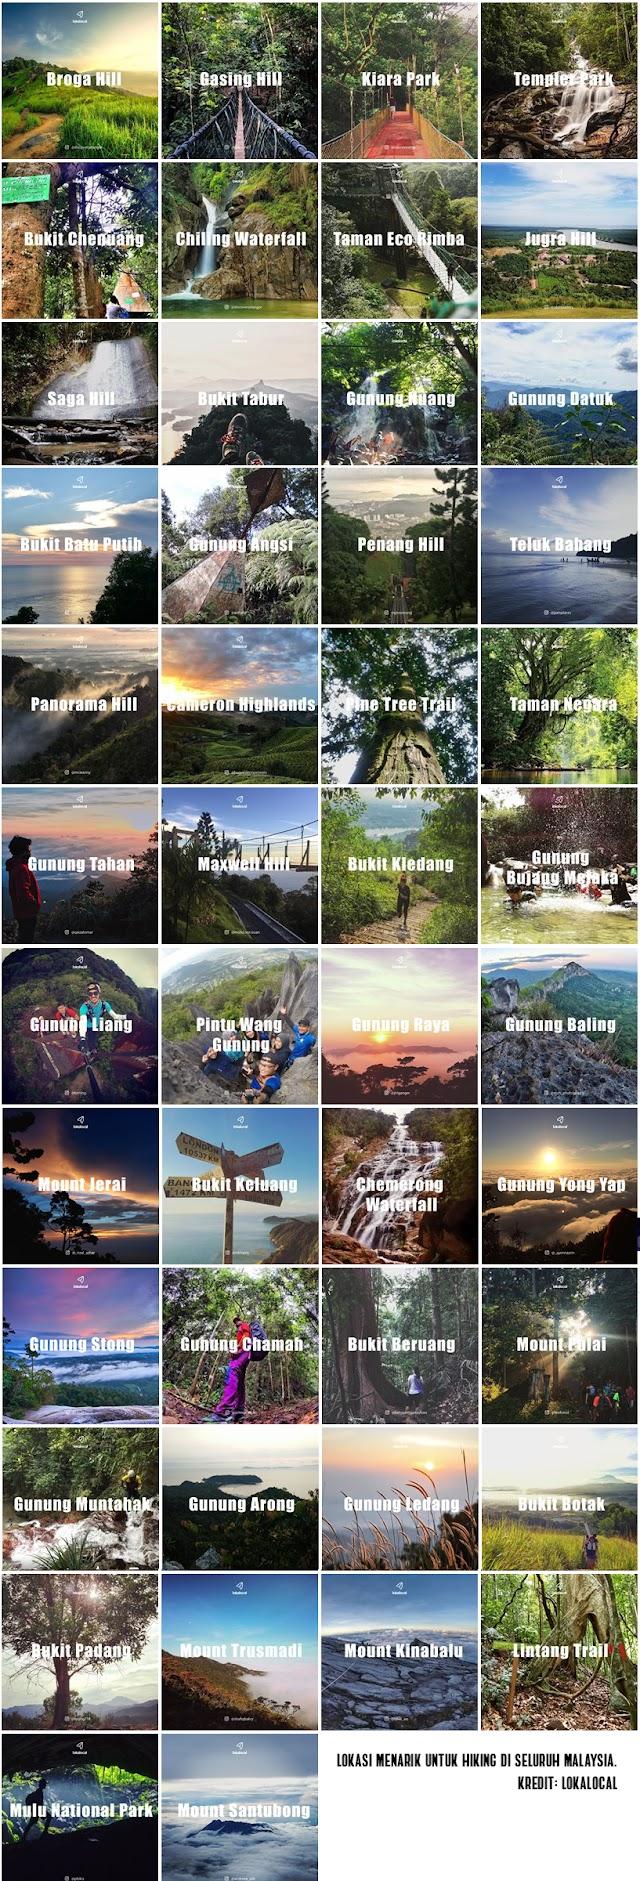 Senarai Bukit Dan Gunung Yang Menarik Untuk Hiking di Malaysia